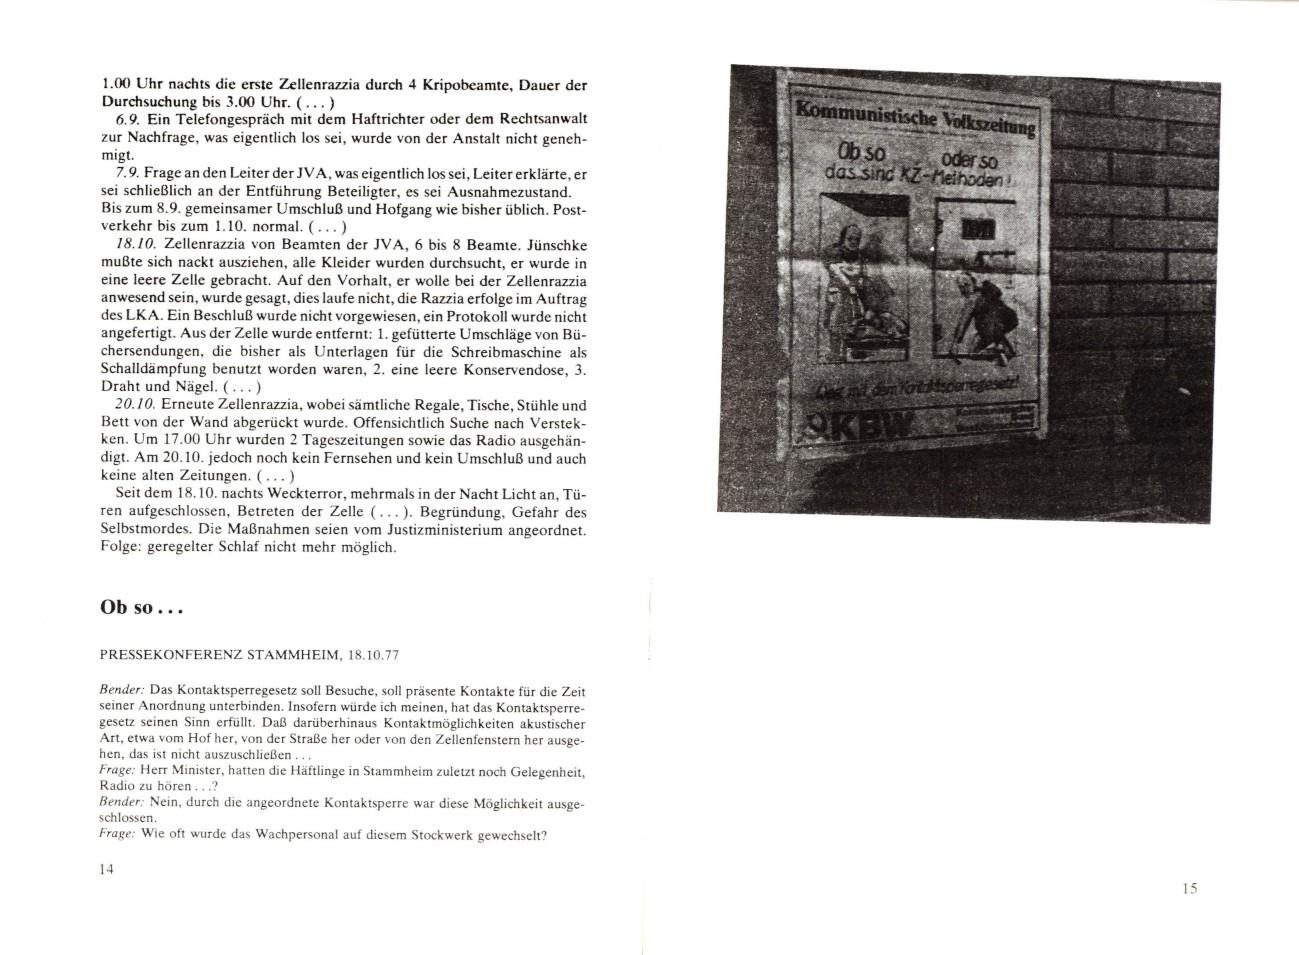 KBW_1977_Kontaktsperregesetz_08